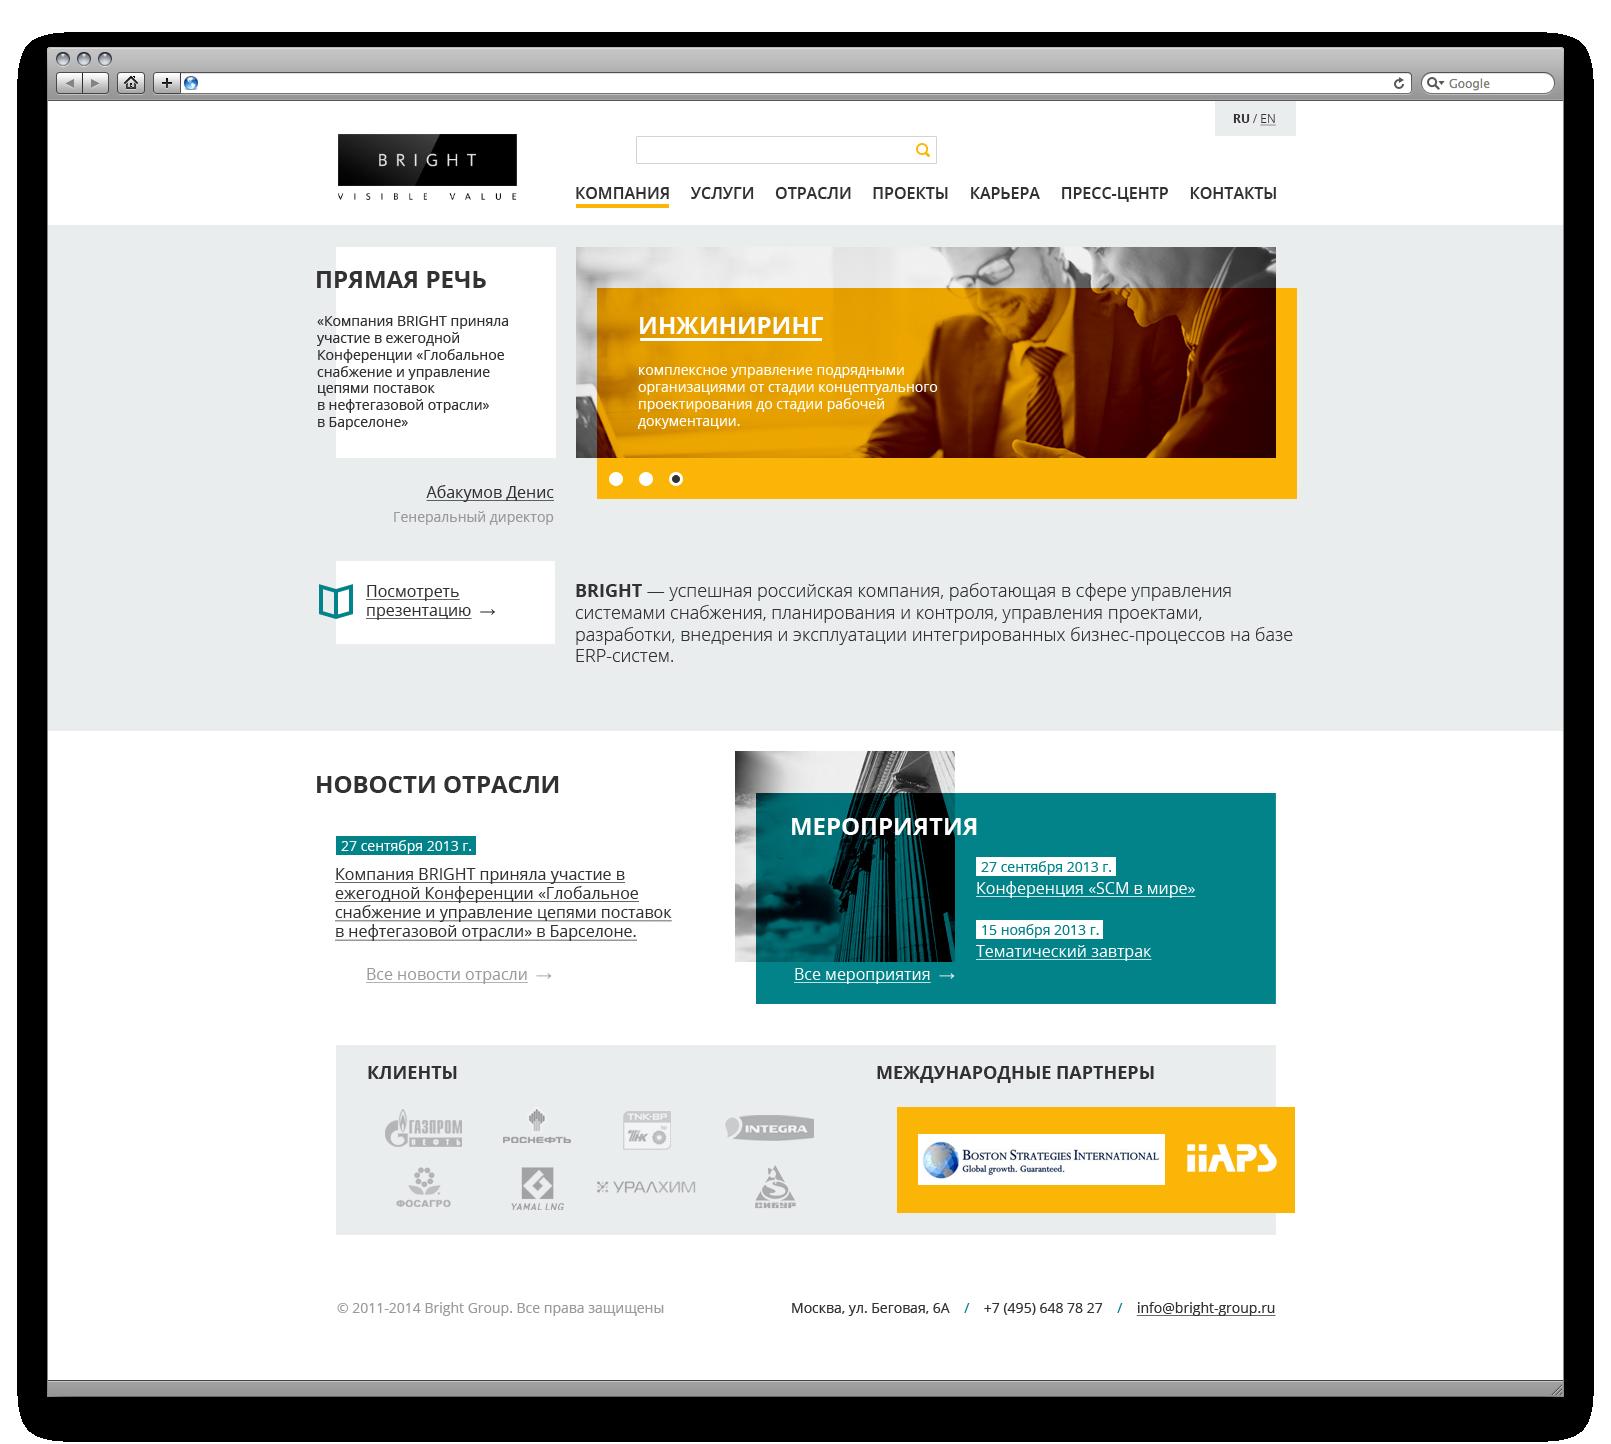 Дизайн и разработка сайта консалтинговой компании фото f_99452f654fcd4701.png